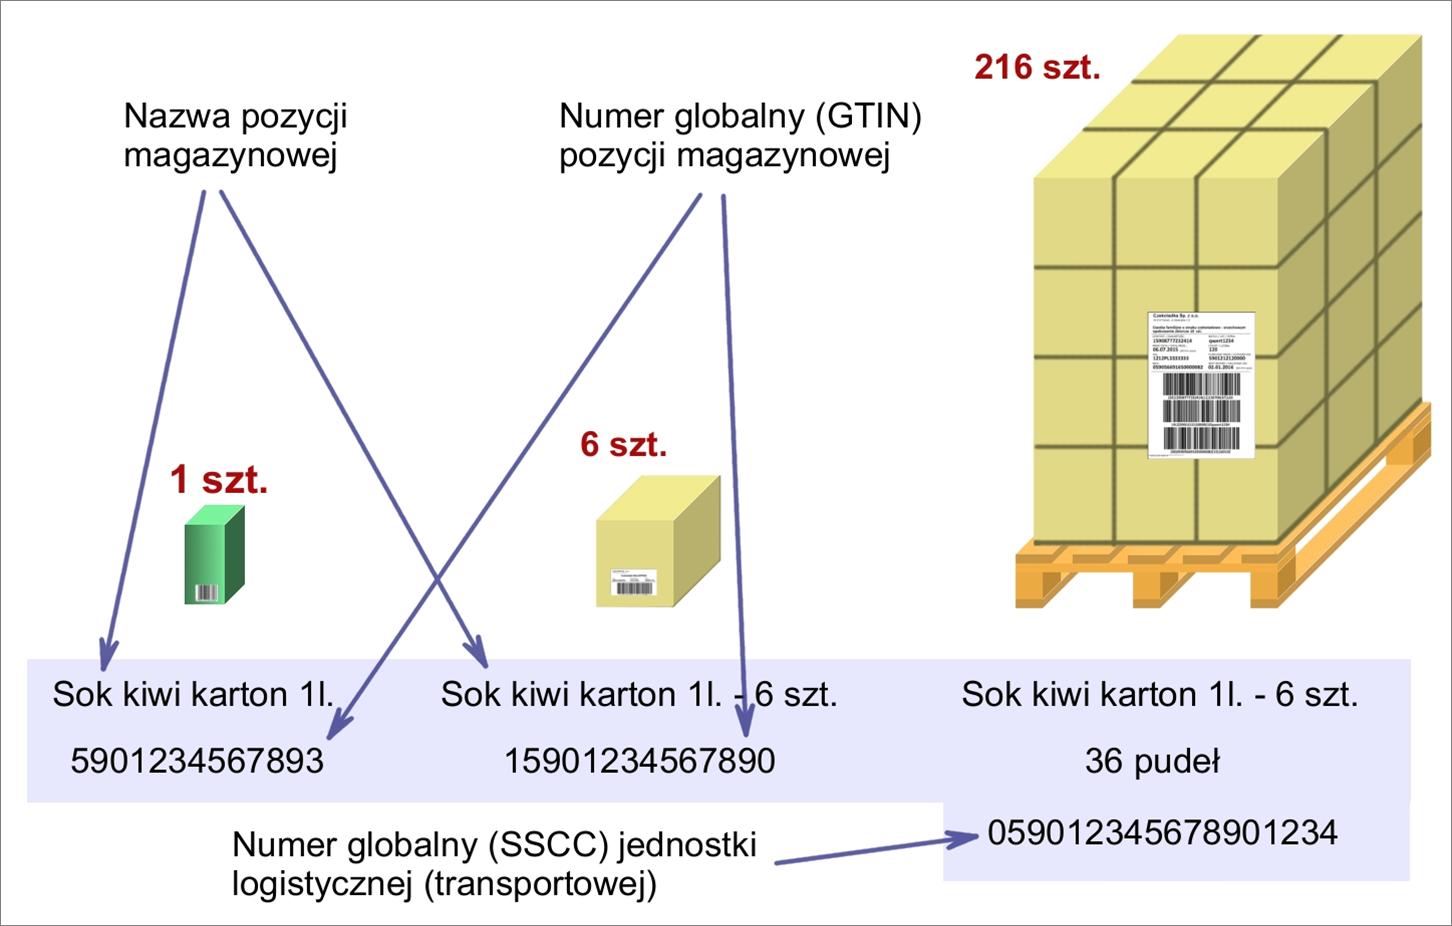 Hierarchiczne zależności pozycji podrzędnych i nadrzędnych